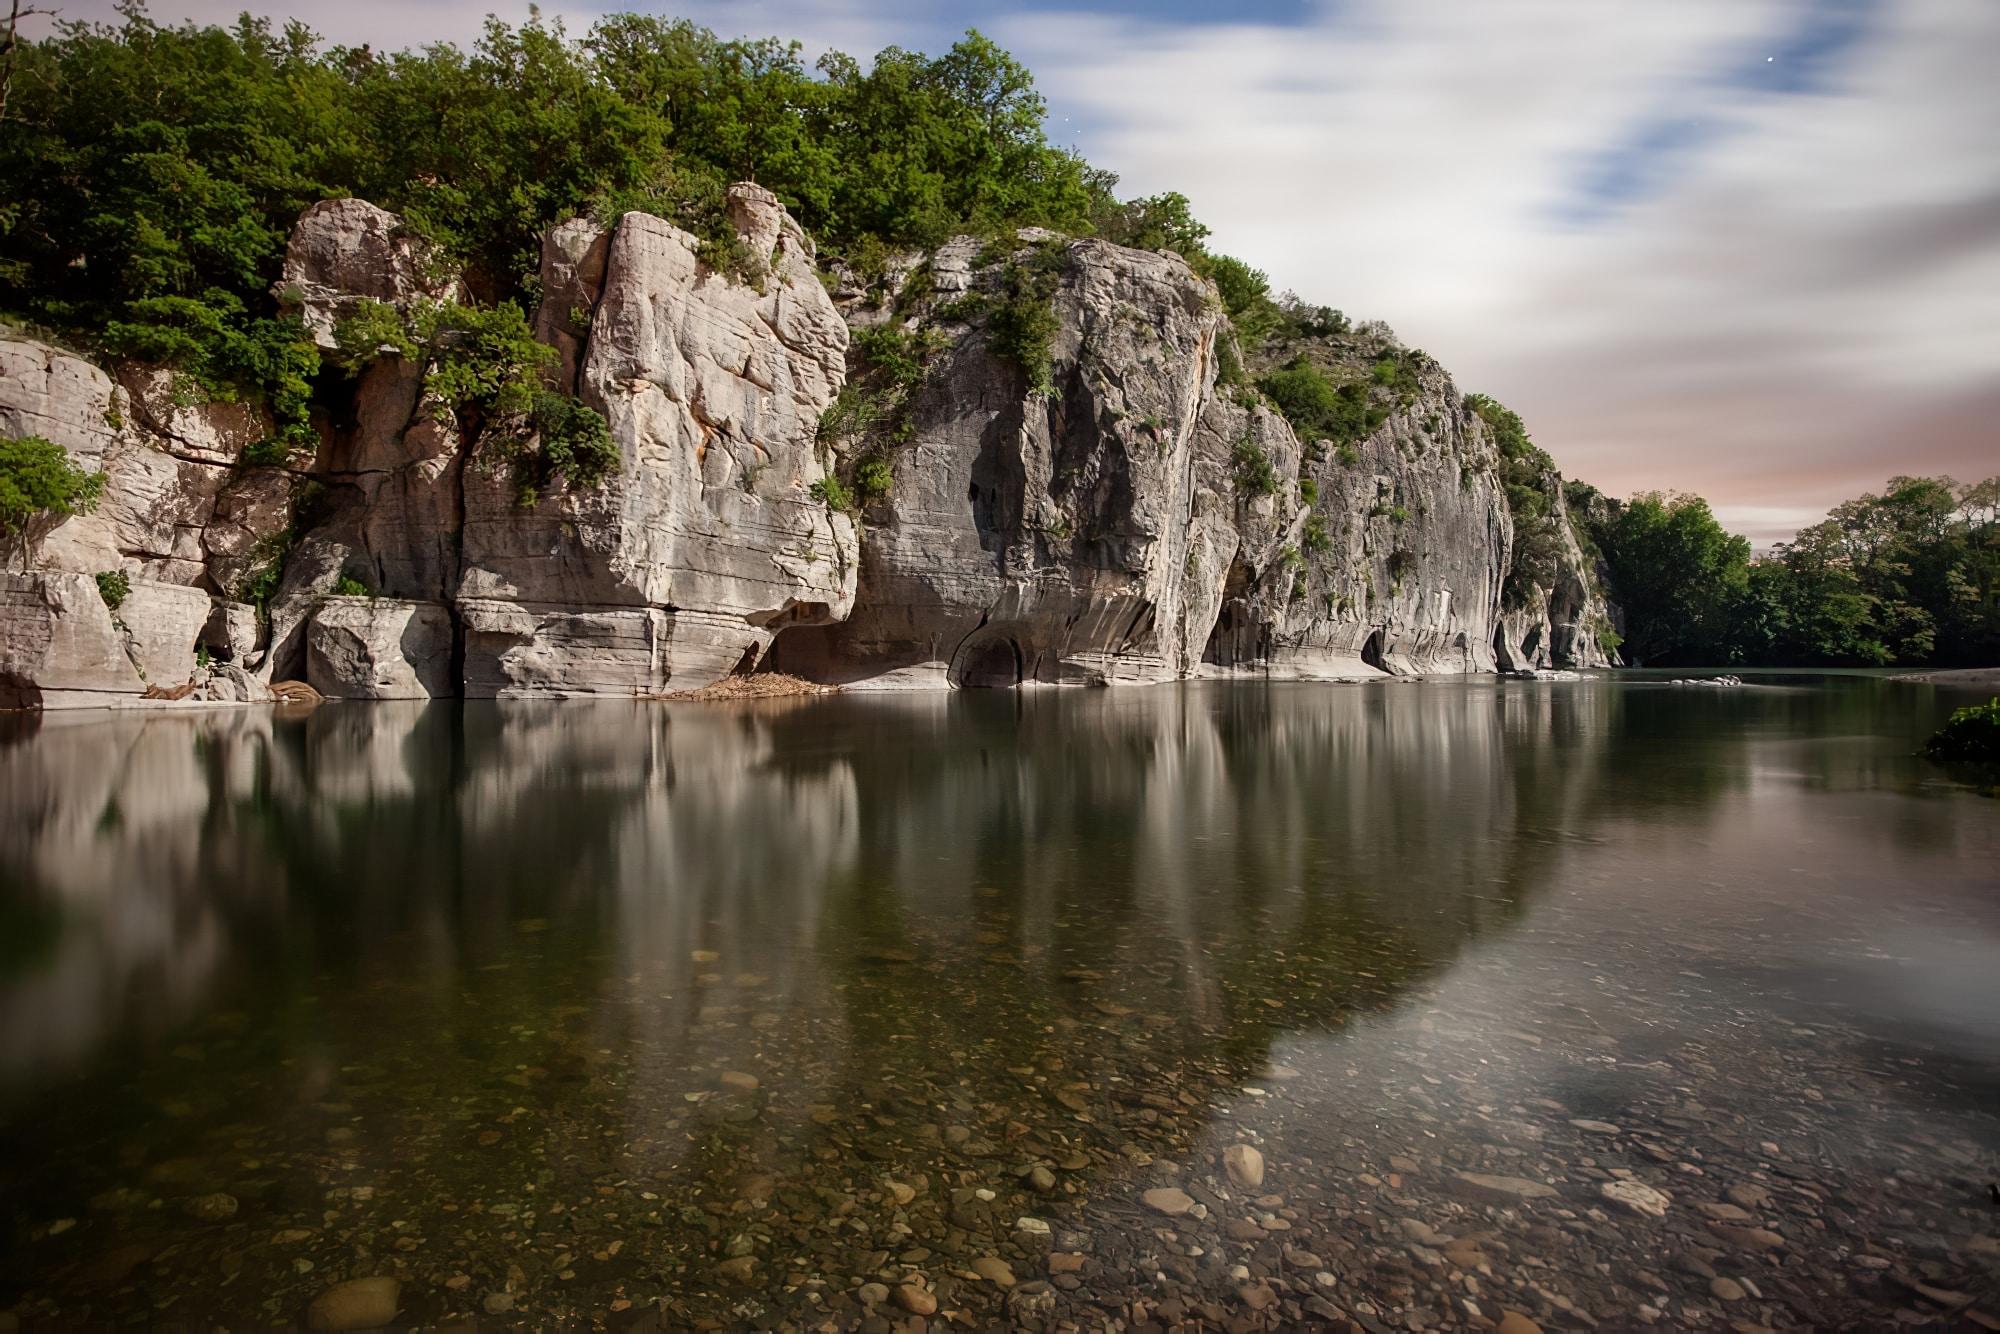 canyon France - Canyoning dans les gorges du Tarn : les gorges du Chassezac